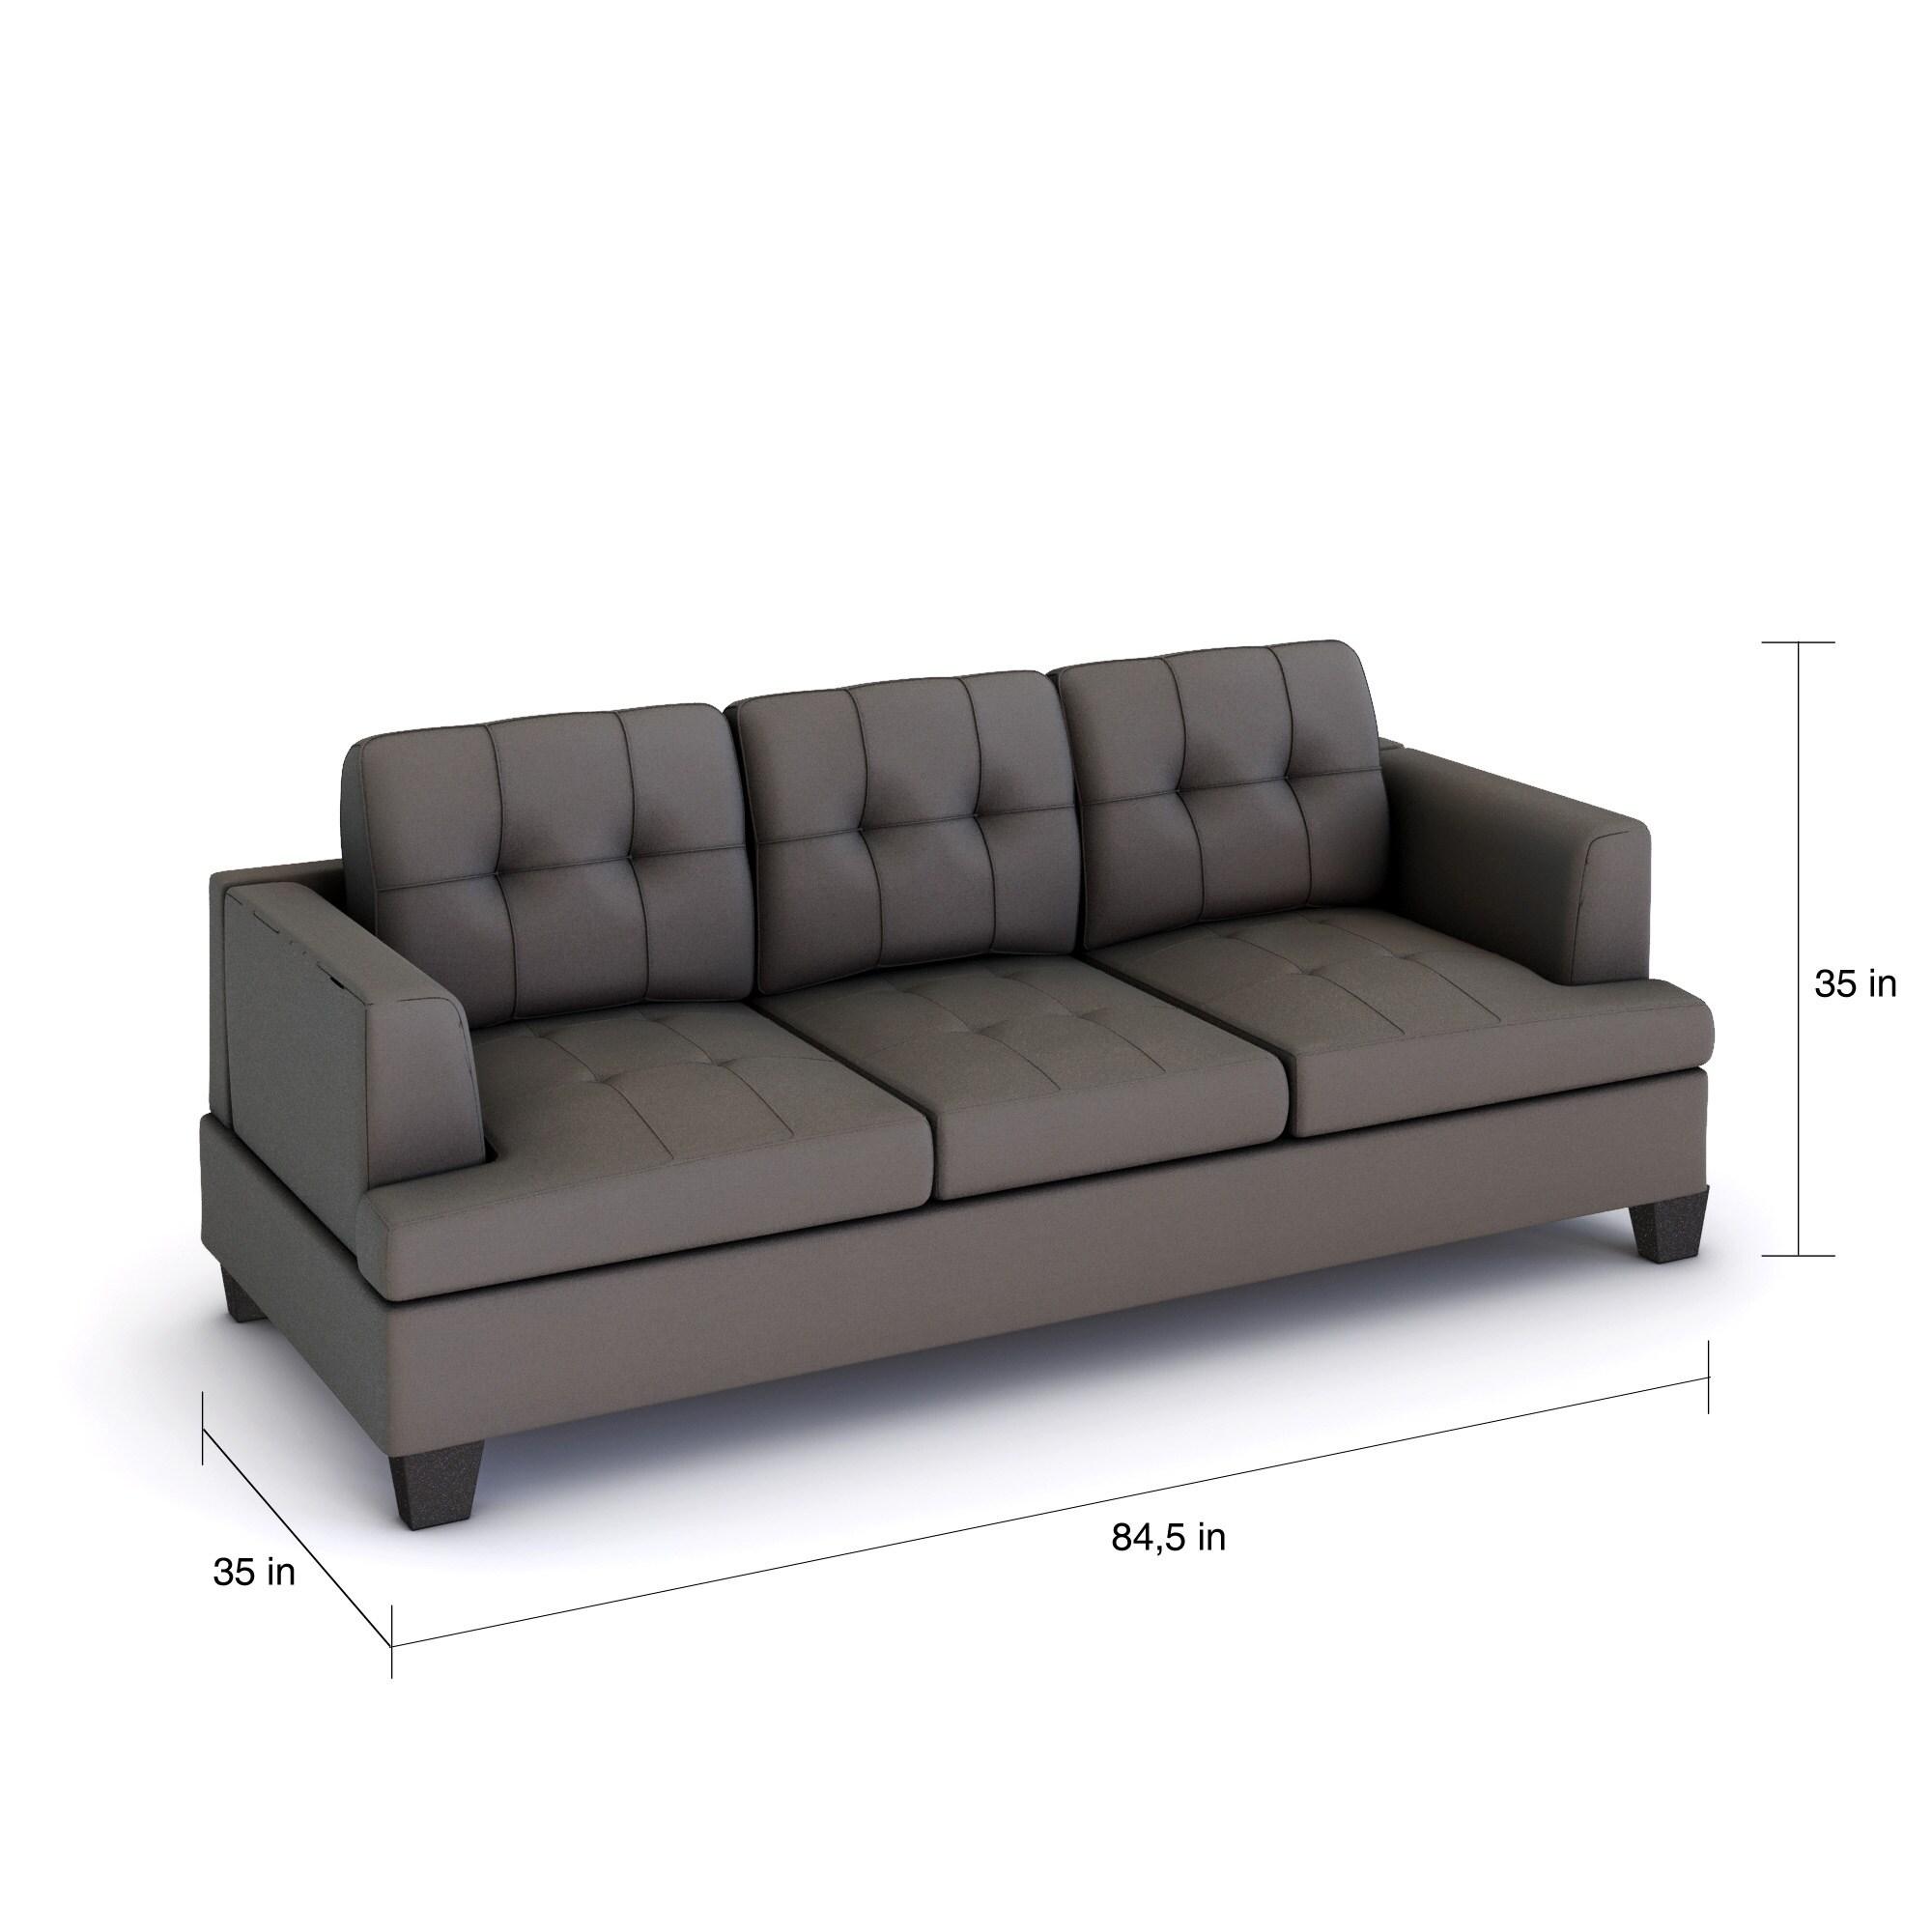 Porch Den Delmar Loop Westgate Grey Microfiber Contemporary Sofa Free Shipping Today Com 17734515